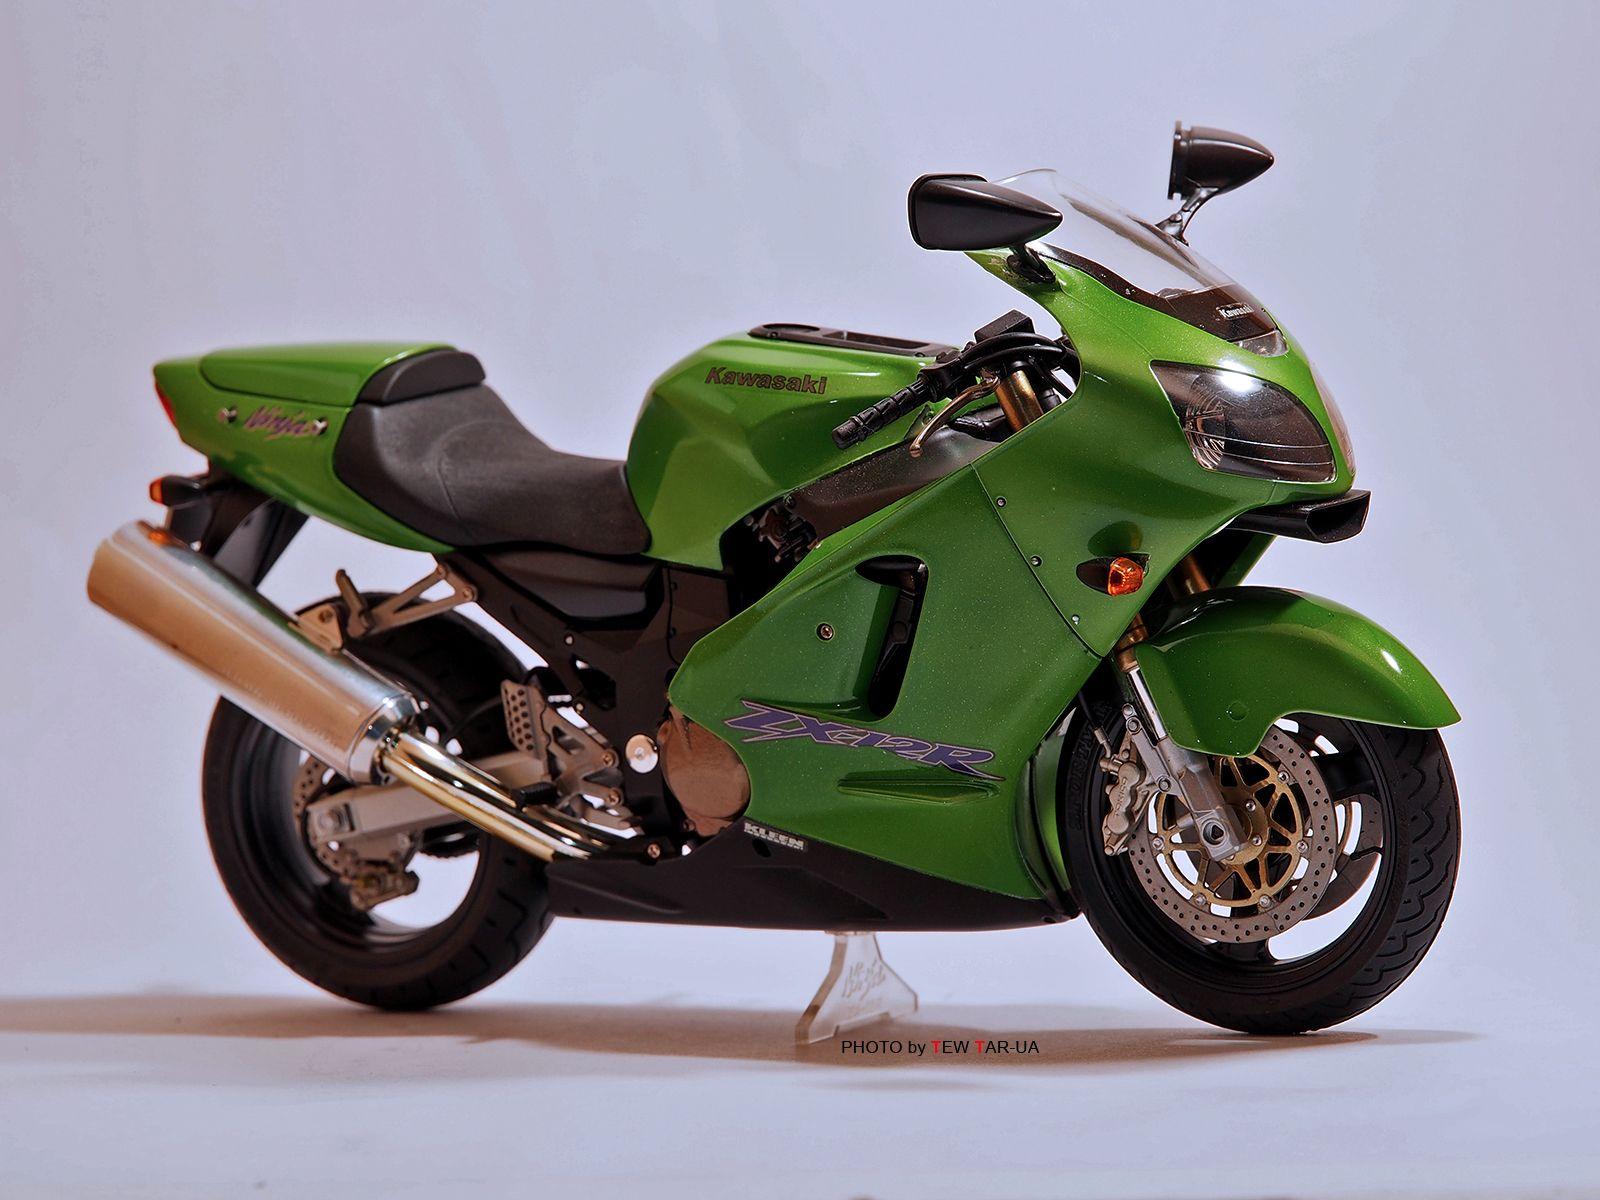 1999 Kawasaki ZX-12R